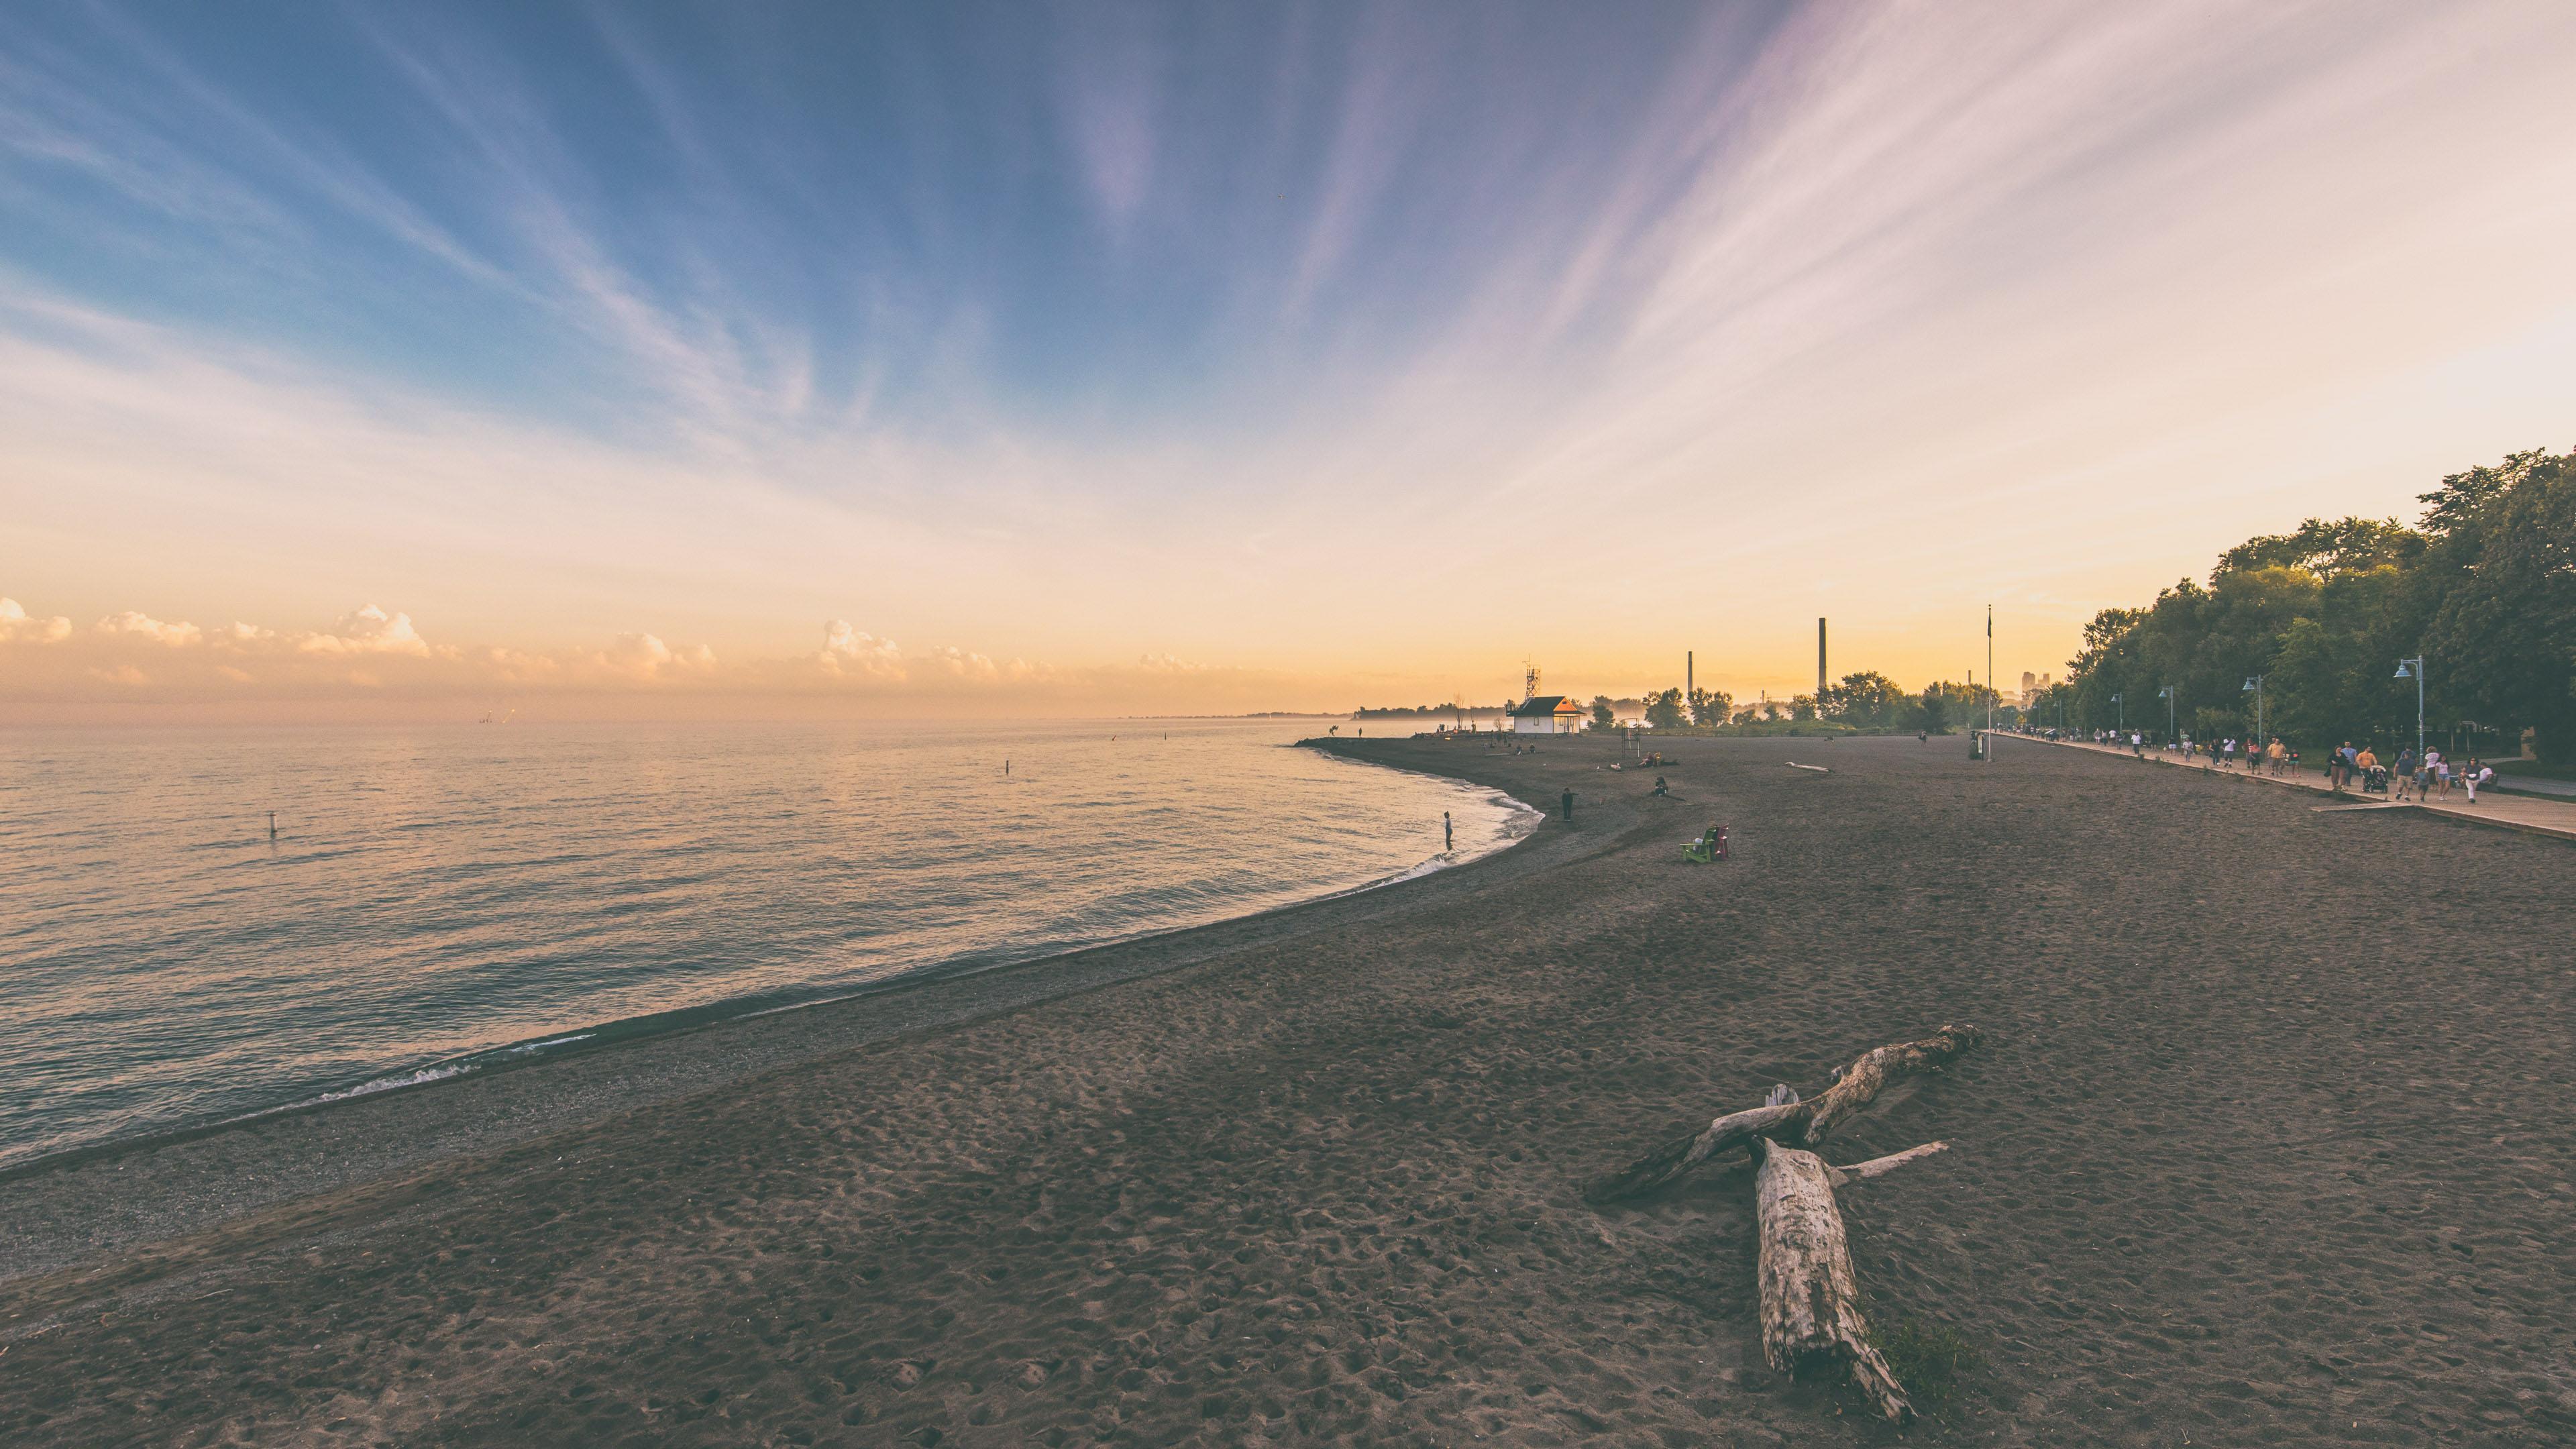 风景大片,海洋天堂,海岸,沙滩,黄昏